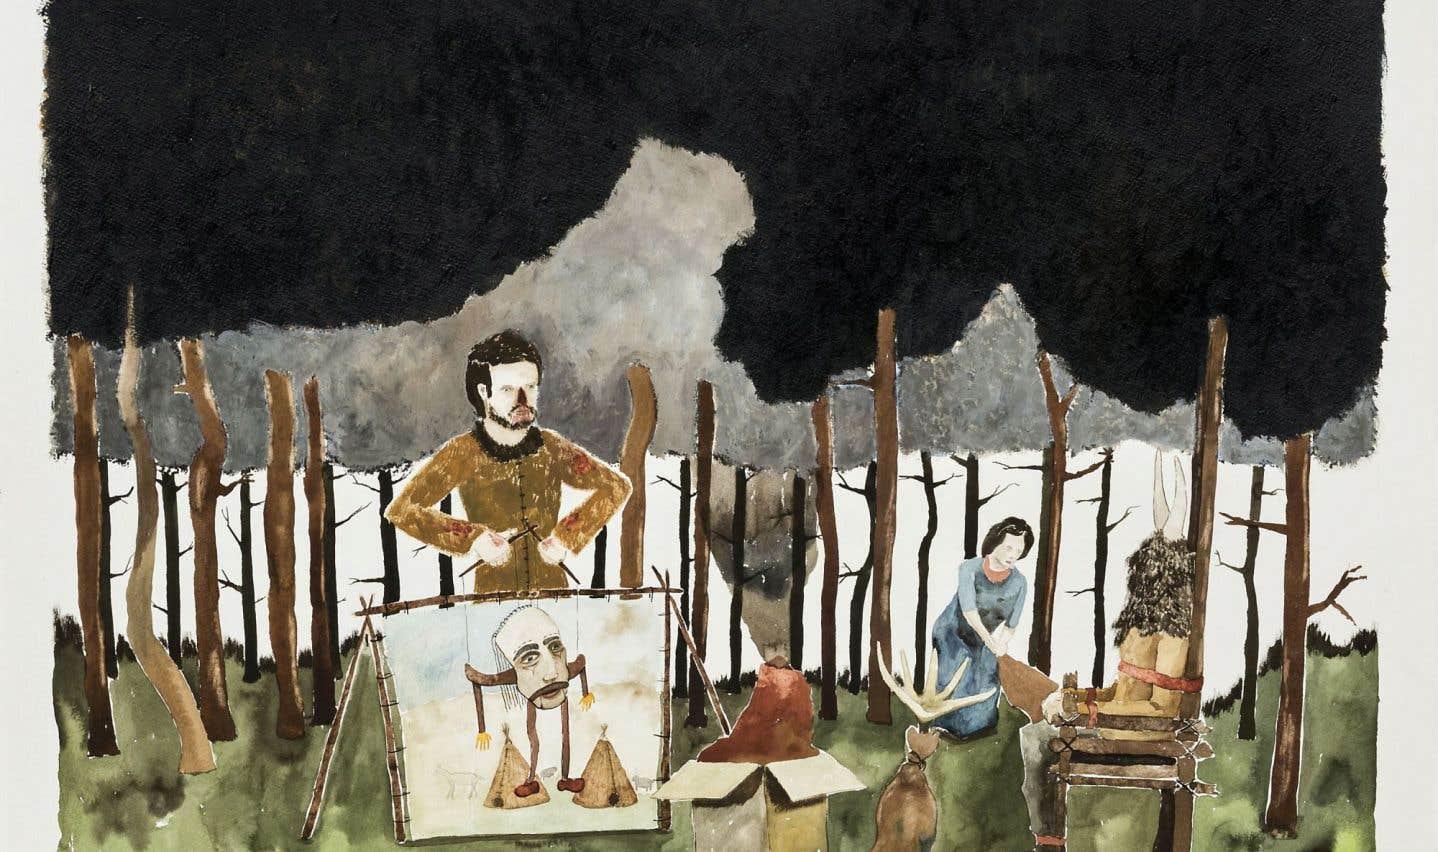 «Un bon galeriste aide les artistes dans le développement de leur carrière, explique Rhéal Lanthier, commissaire et codirecteur de la galerie Art Mûr. Nous sommes des accompagnateurs.» Ci-dessus, une œuvre de Joseph Tisiga, intitulée Consequence for the poorly timed (2014).